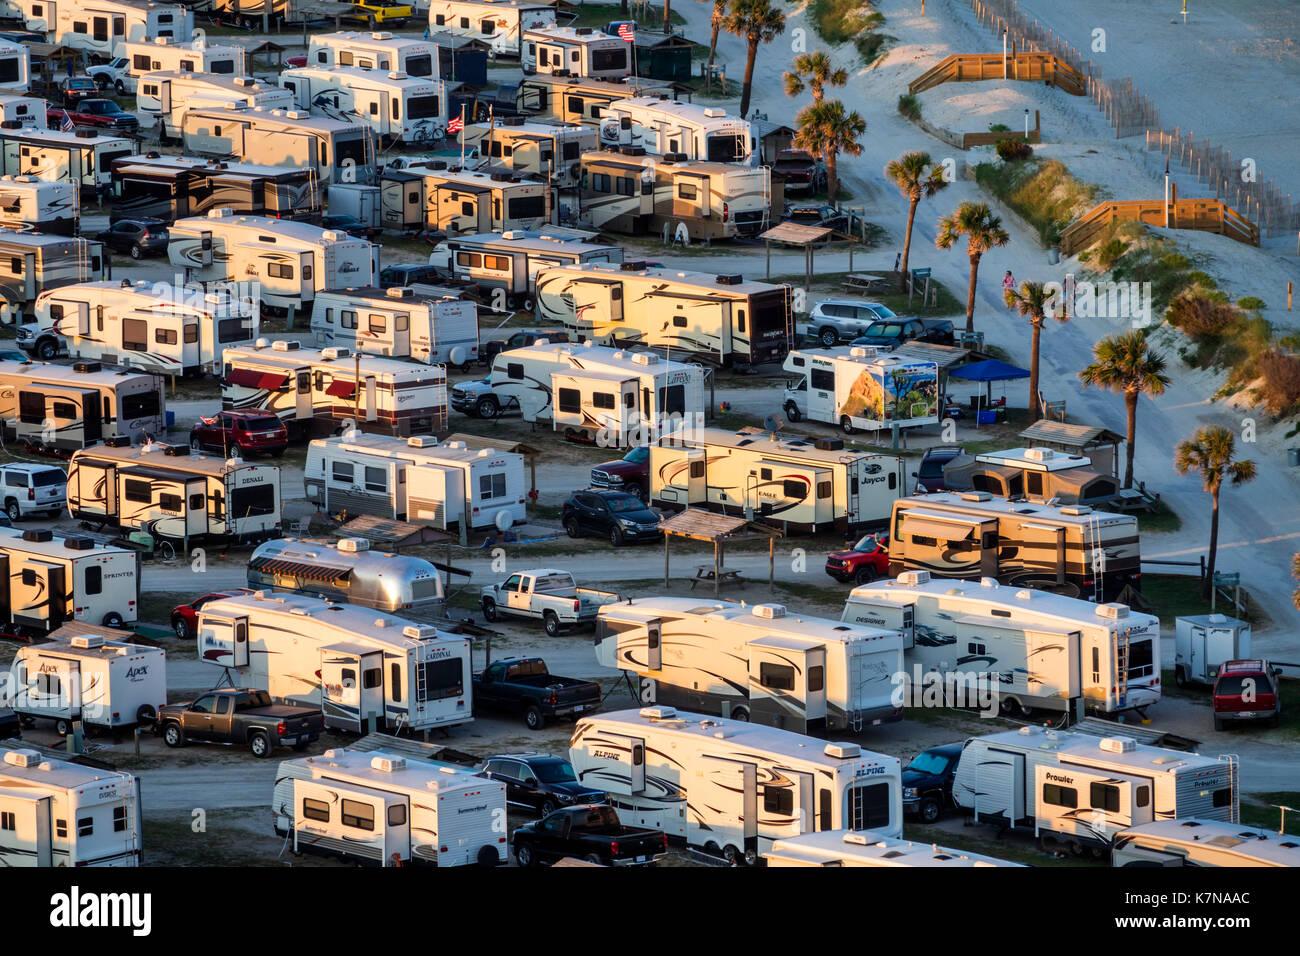 Caroline du Sud SC Océan Atlantique Myrtle Beach Myrtle Beach RV Park véhicules récréatifs voyage caravane remorque antenne camping du parc vue d'ensemble Photo Stock